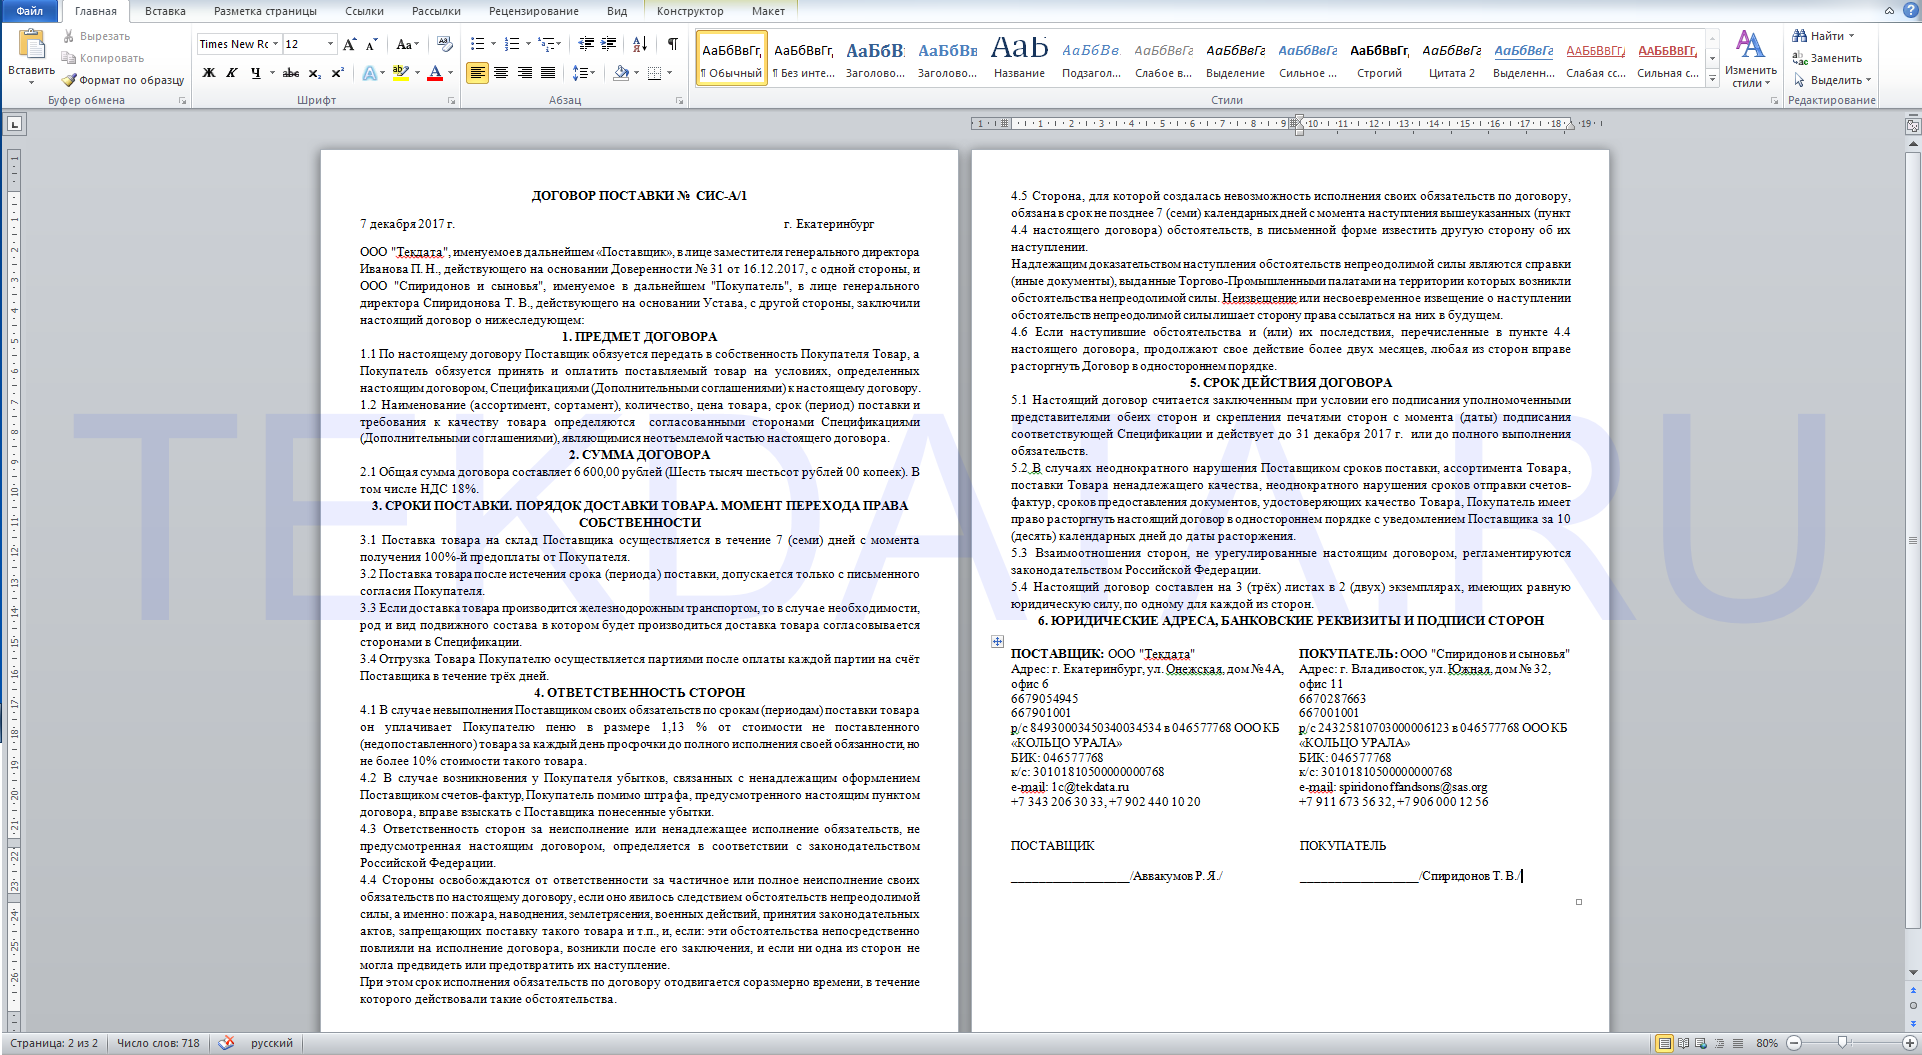 Универсальная печатная форма договора в формате Word для 1С:УНФ 1.6